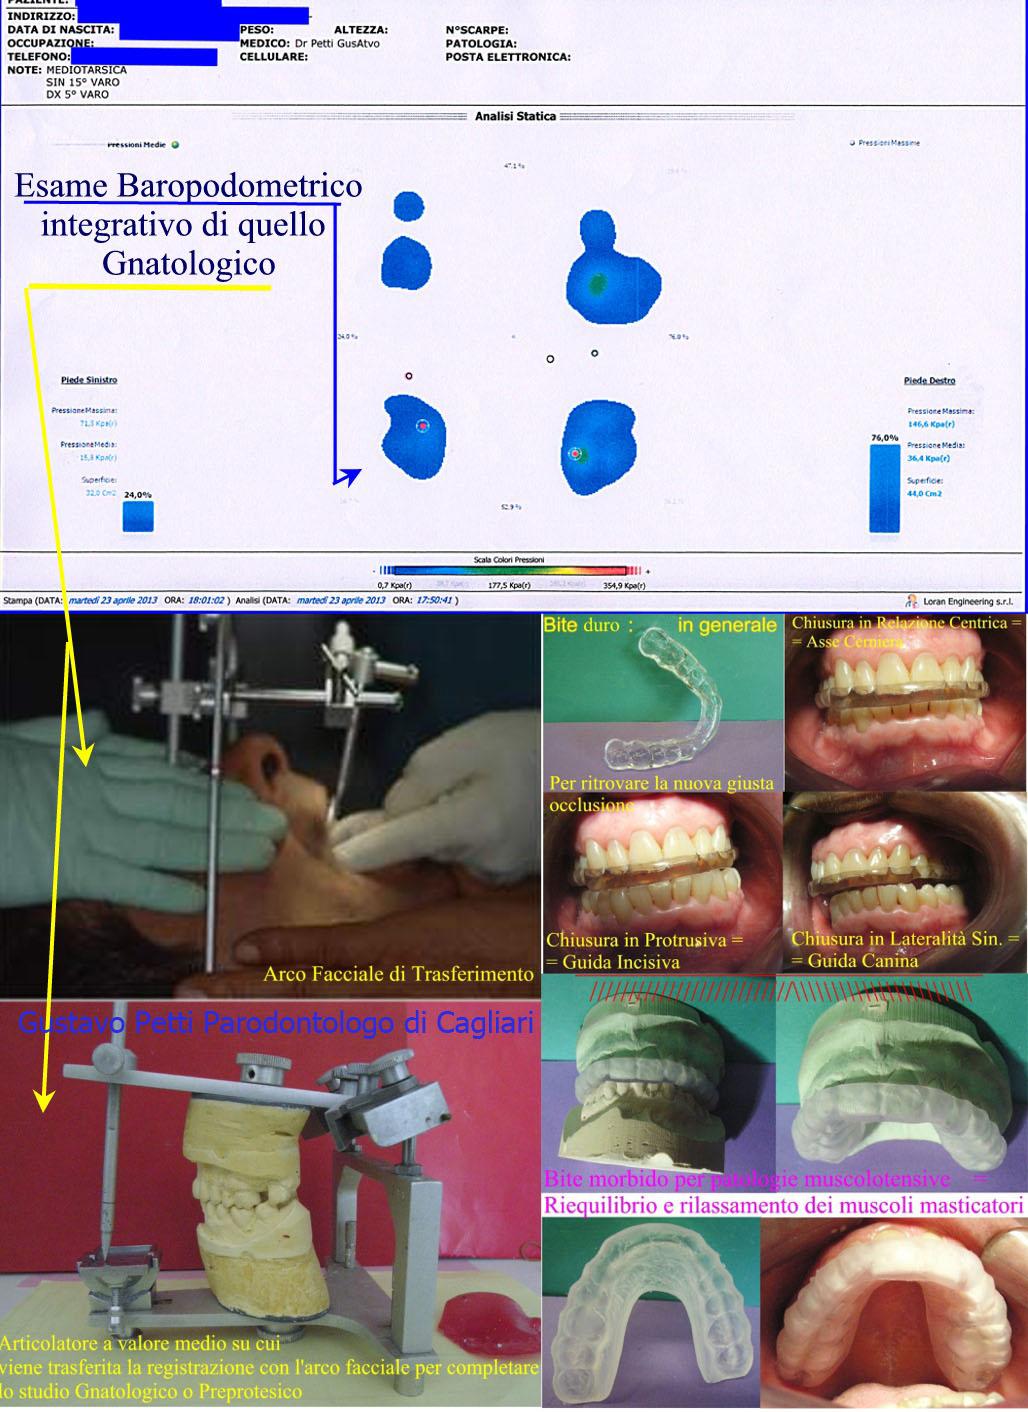 Dr. Gustavo Petti Parodontologo Gnatologo di Cagliari E Riabilitazione Orale Completa in Casi Clinici Complessi. Arco Facciale di Trasferimento e Analisi Stabilometrica Computerizzata per postura. solo come esempio parziale di visita Gnatologica